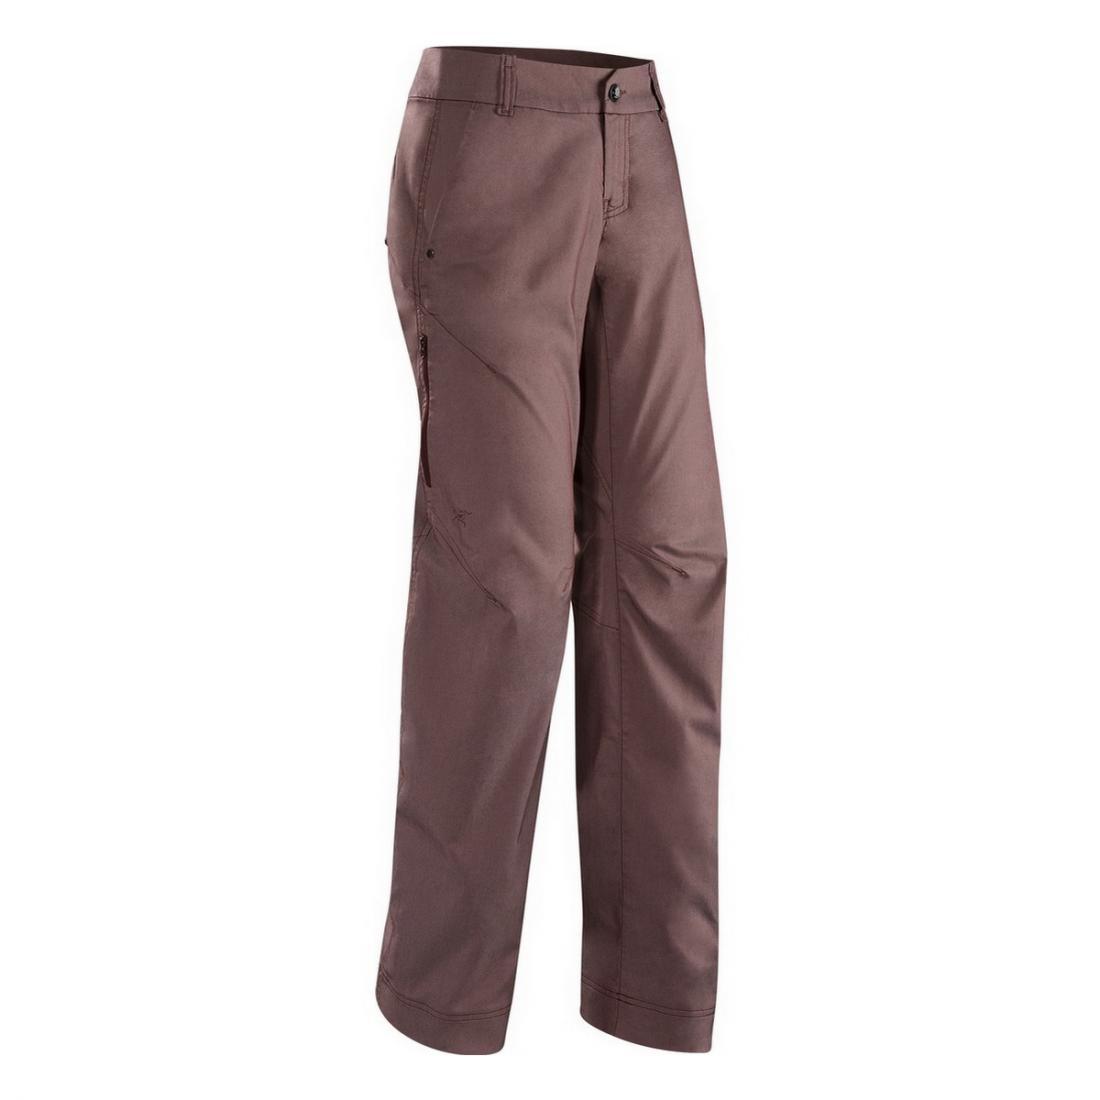 Брюки A2B Commuter Pant жен.Брюки, штаны<br><br><br><br> Женские брюки Arcteryx A2B Commuter Pant Womens – идеальный вариант для велосипедисток, а также они подходят для путешествий и повседневной нос...<br><br>Цвет: Коричневый<br>Размер: 8